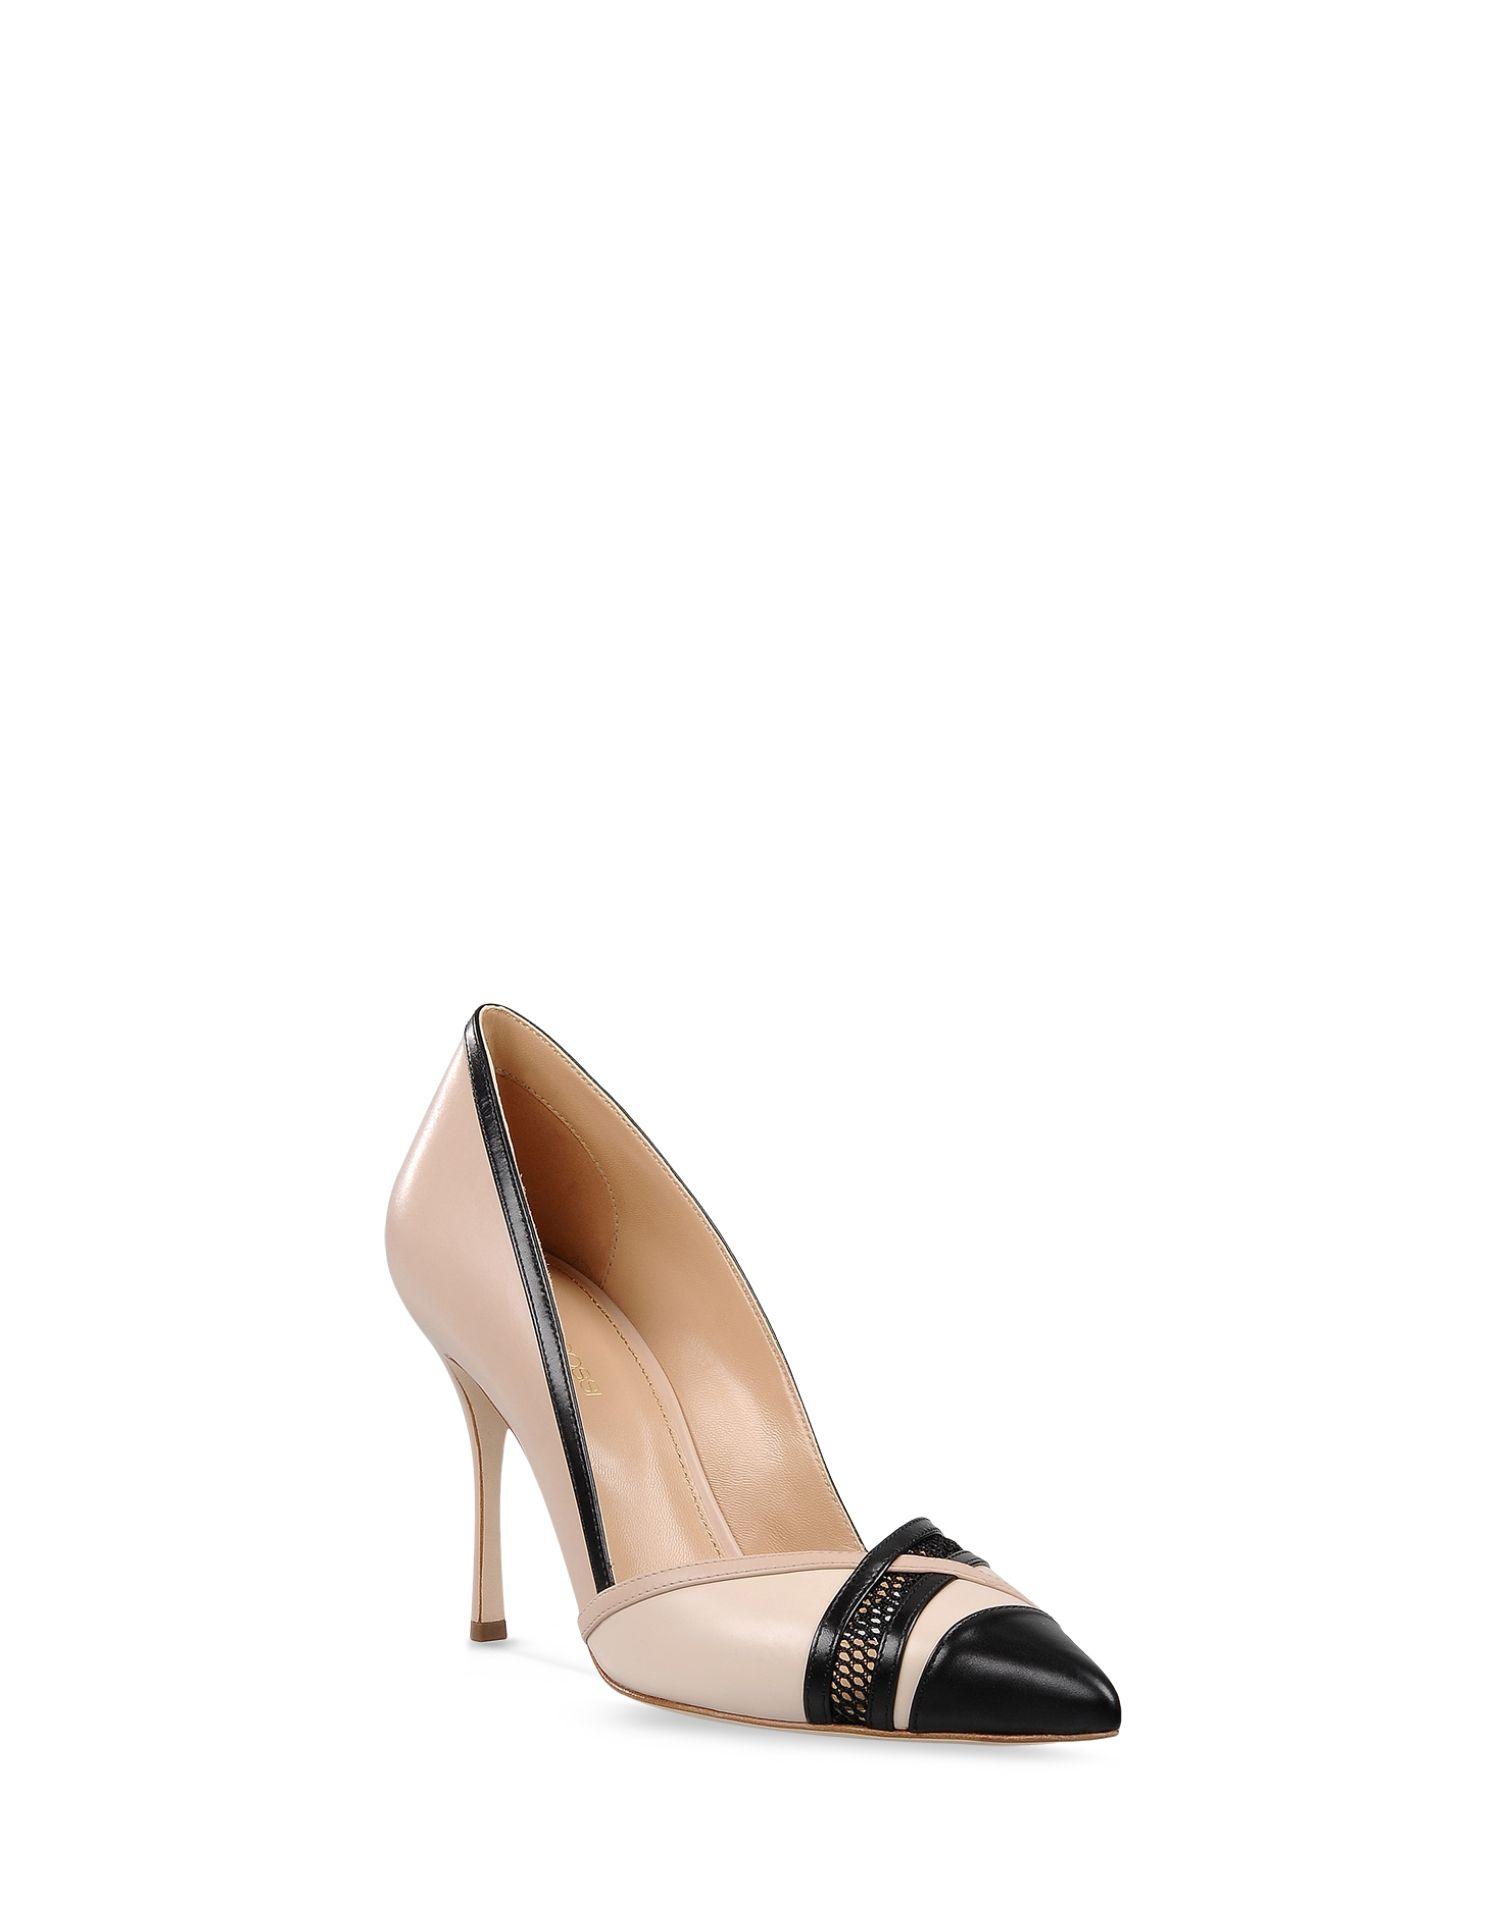 low priced 78603 7e692 Sergio Rossi: le foto delle scarpe della collezione Autunno ...